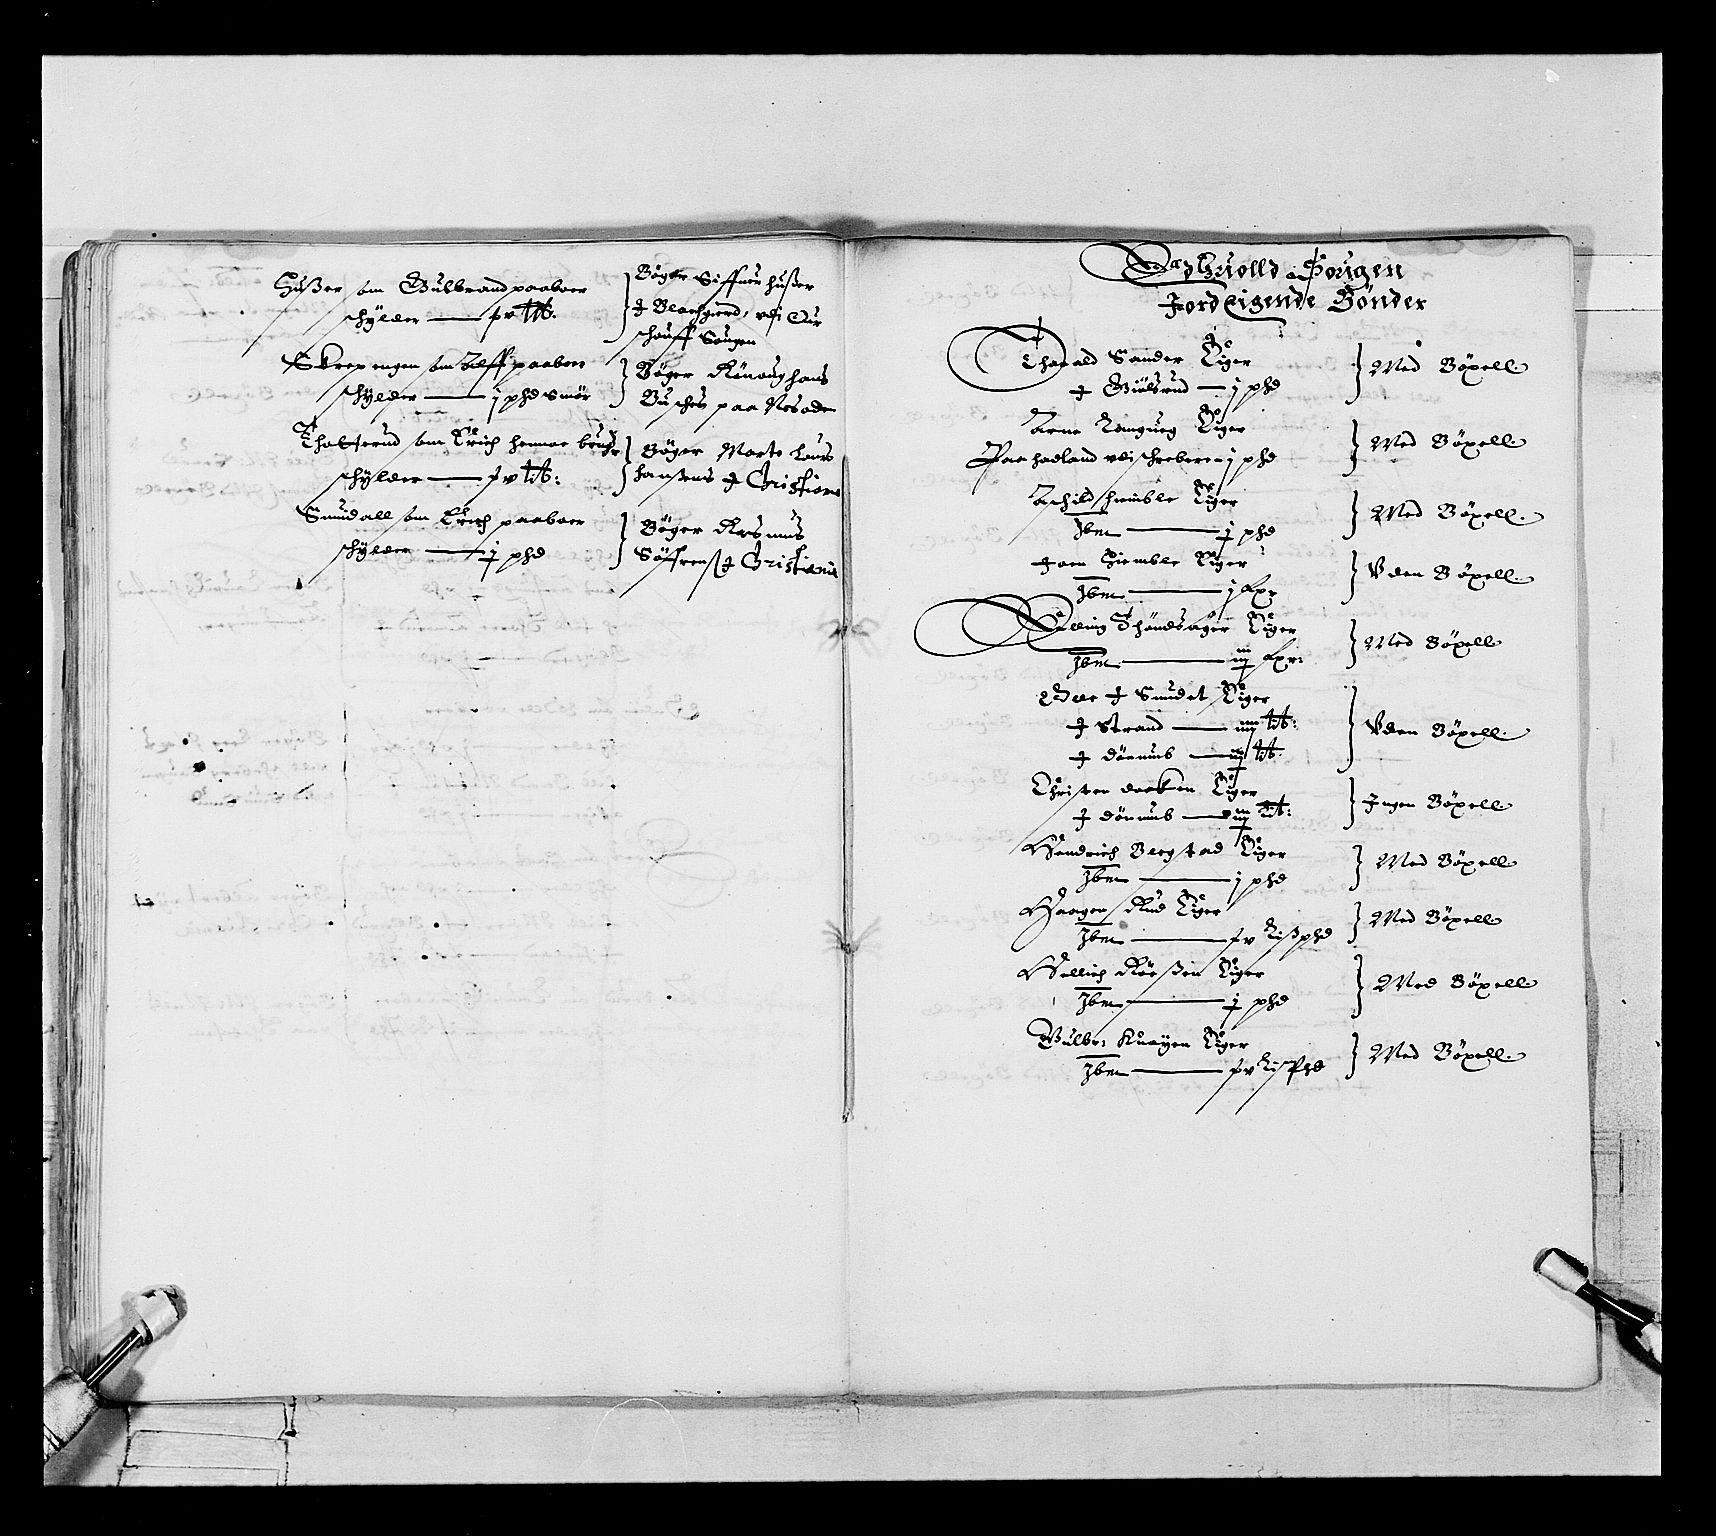 RA, Stattholderembetet 1572-1771, Ek/L0018: Jordebøker 1633-1658:, 1641-1642, s. 96